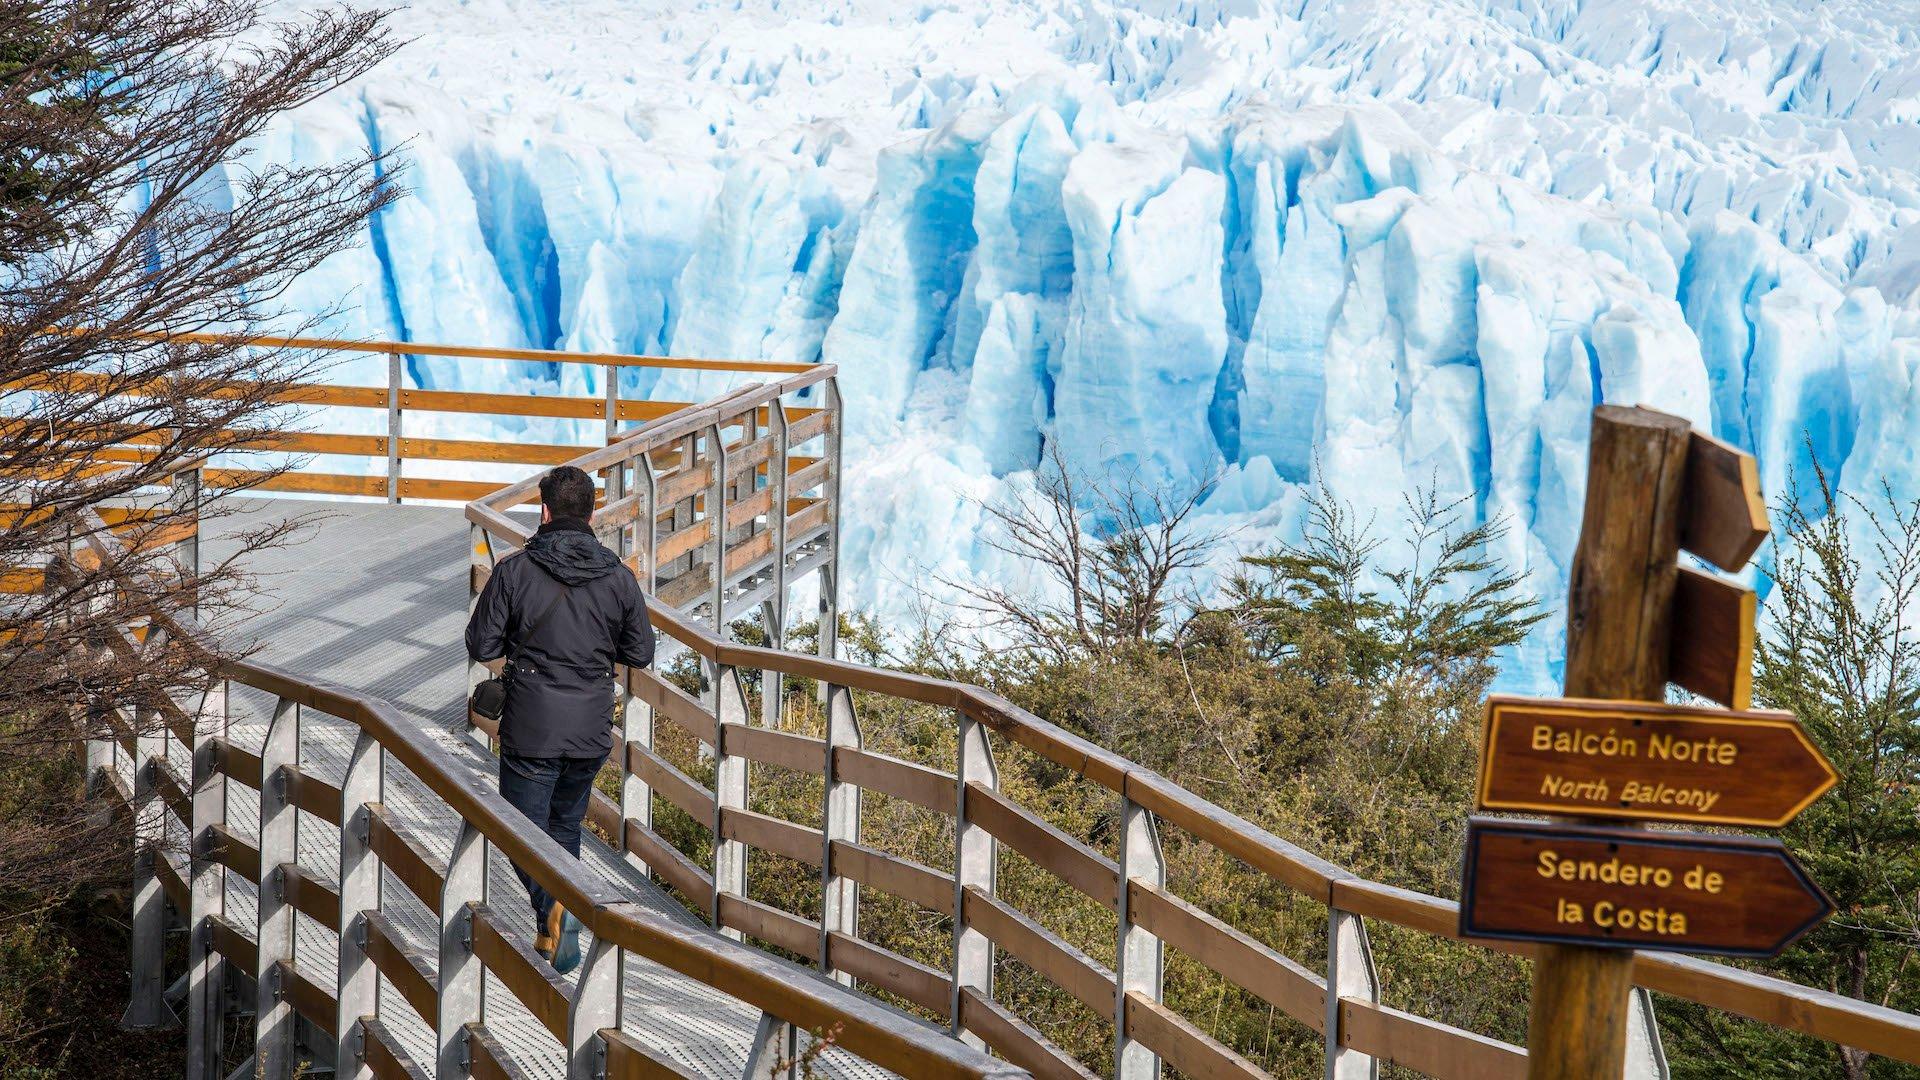 Las mejores cosas para hacer en Calafate: de la estepa al bosque de hielo